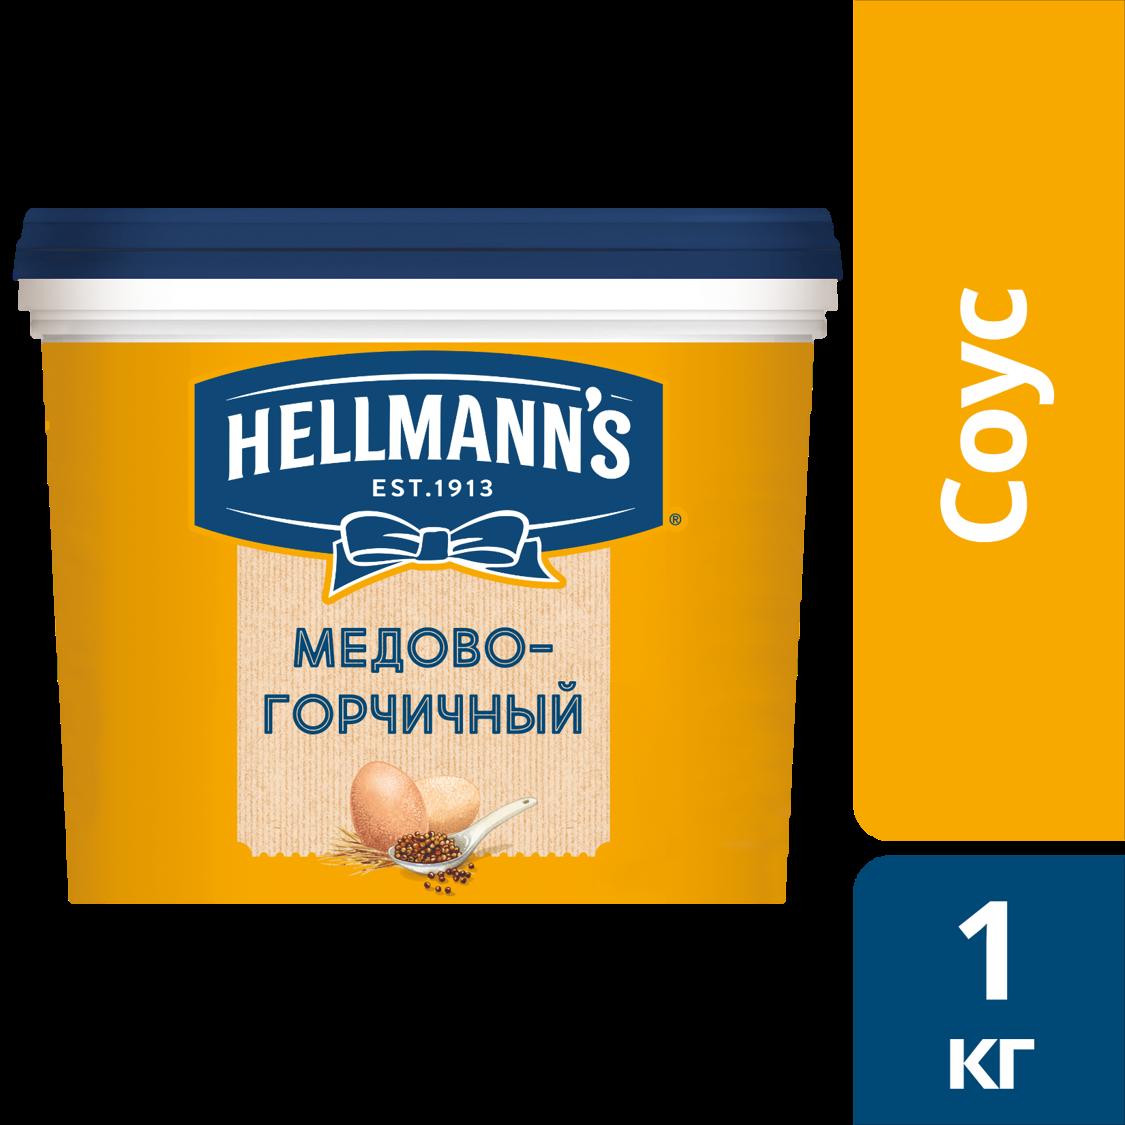 HELLMANN'S Соус Медово-горчичный (1кг) - Unilever Food Solution. Новая линейка соусов Hellmann's